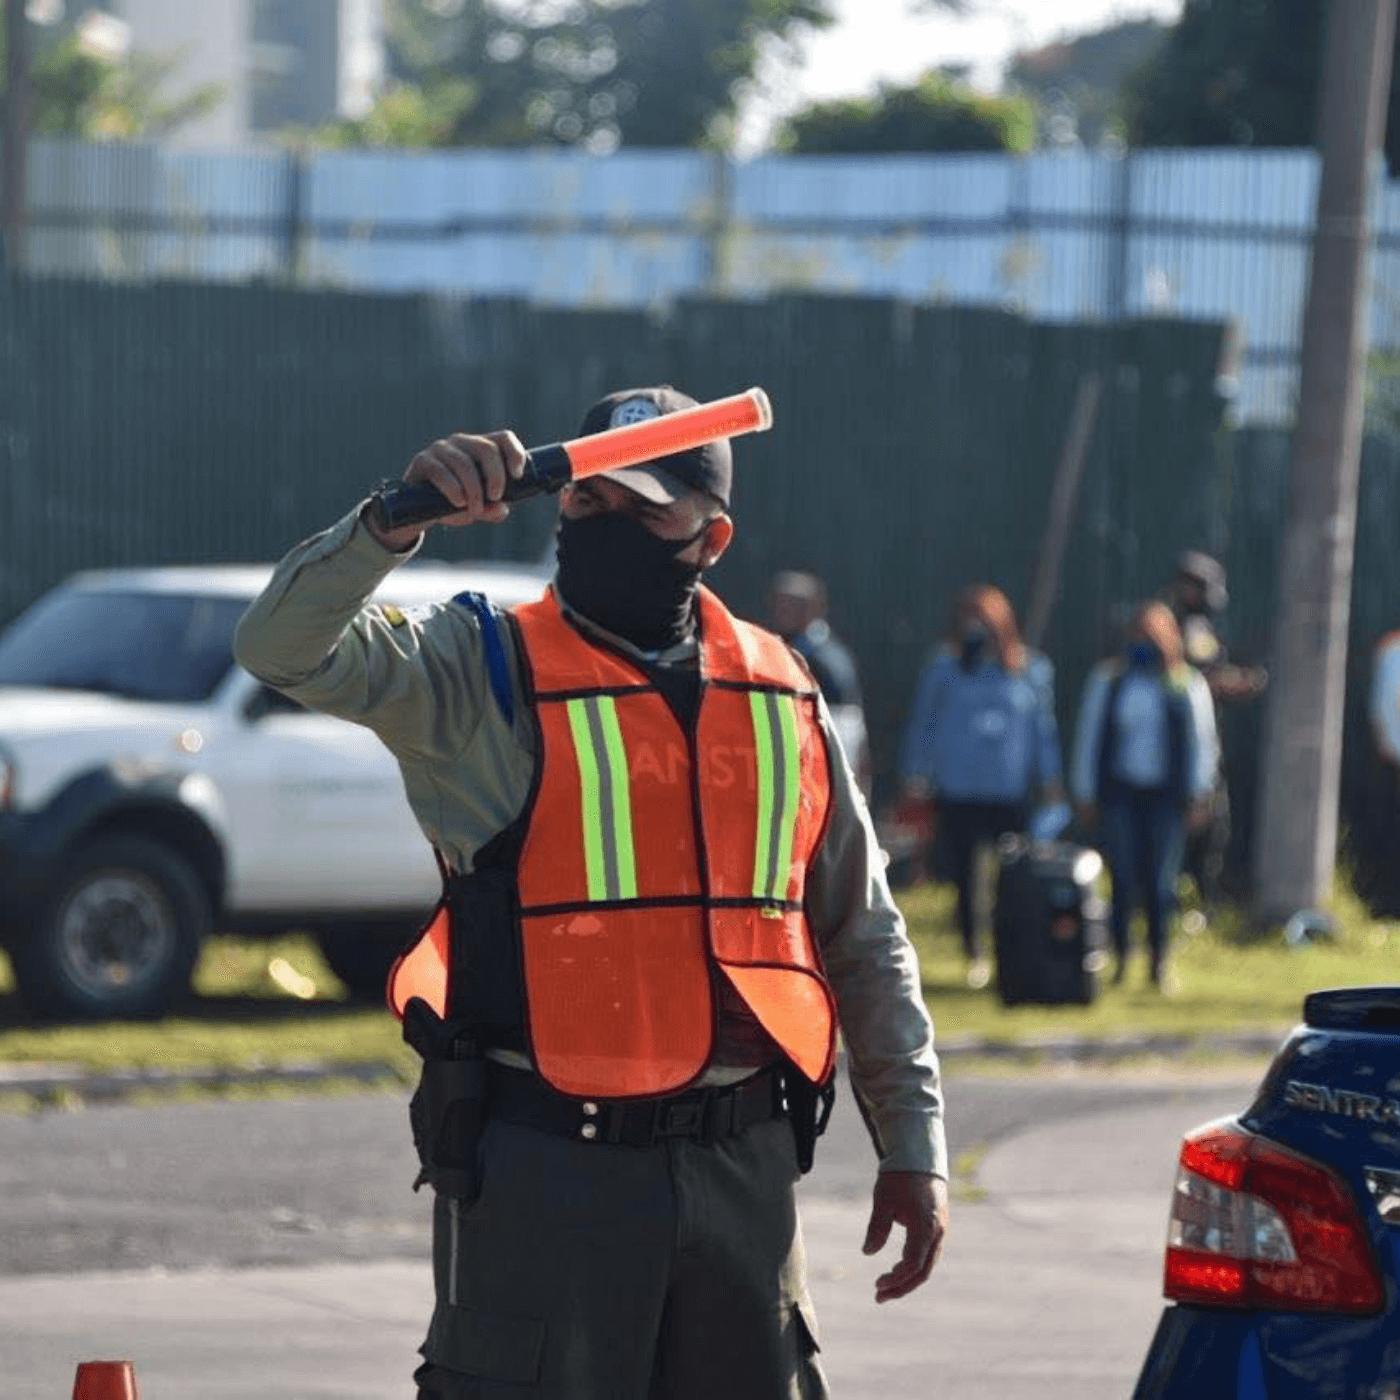 Las Acciones Para Mejorar El Tránsito En Santa Tecla. Gestor tráfico. Fotografía. Roberto d'Aubuisson. 2021